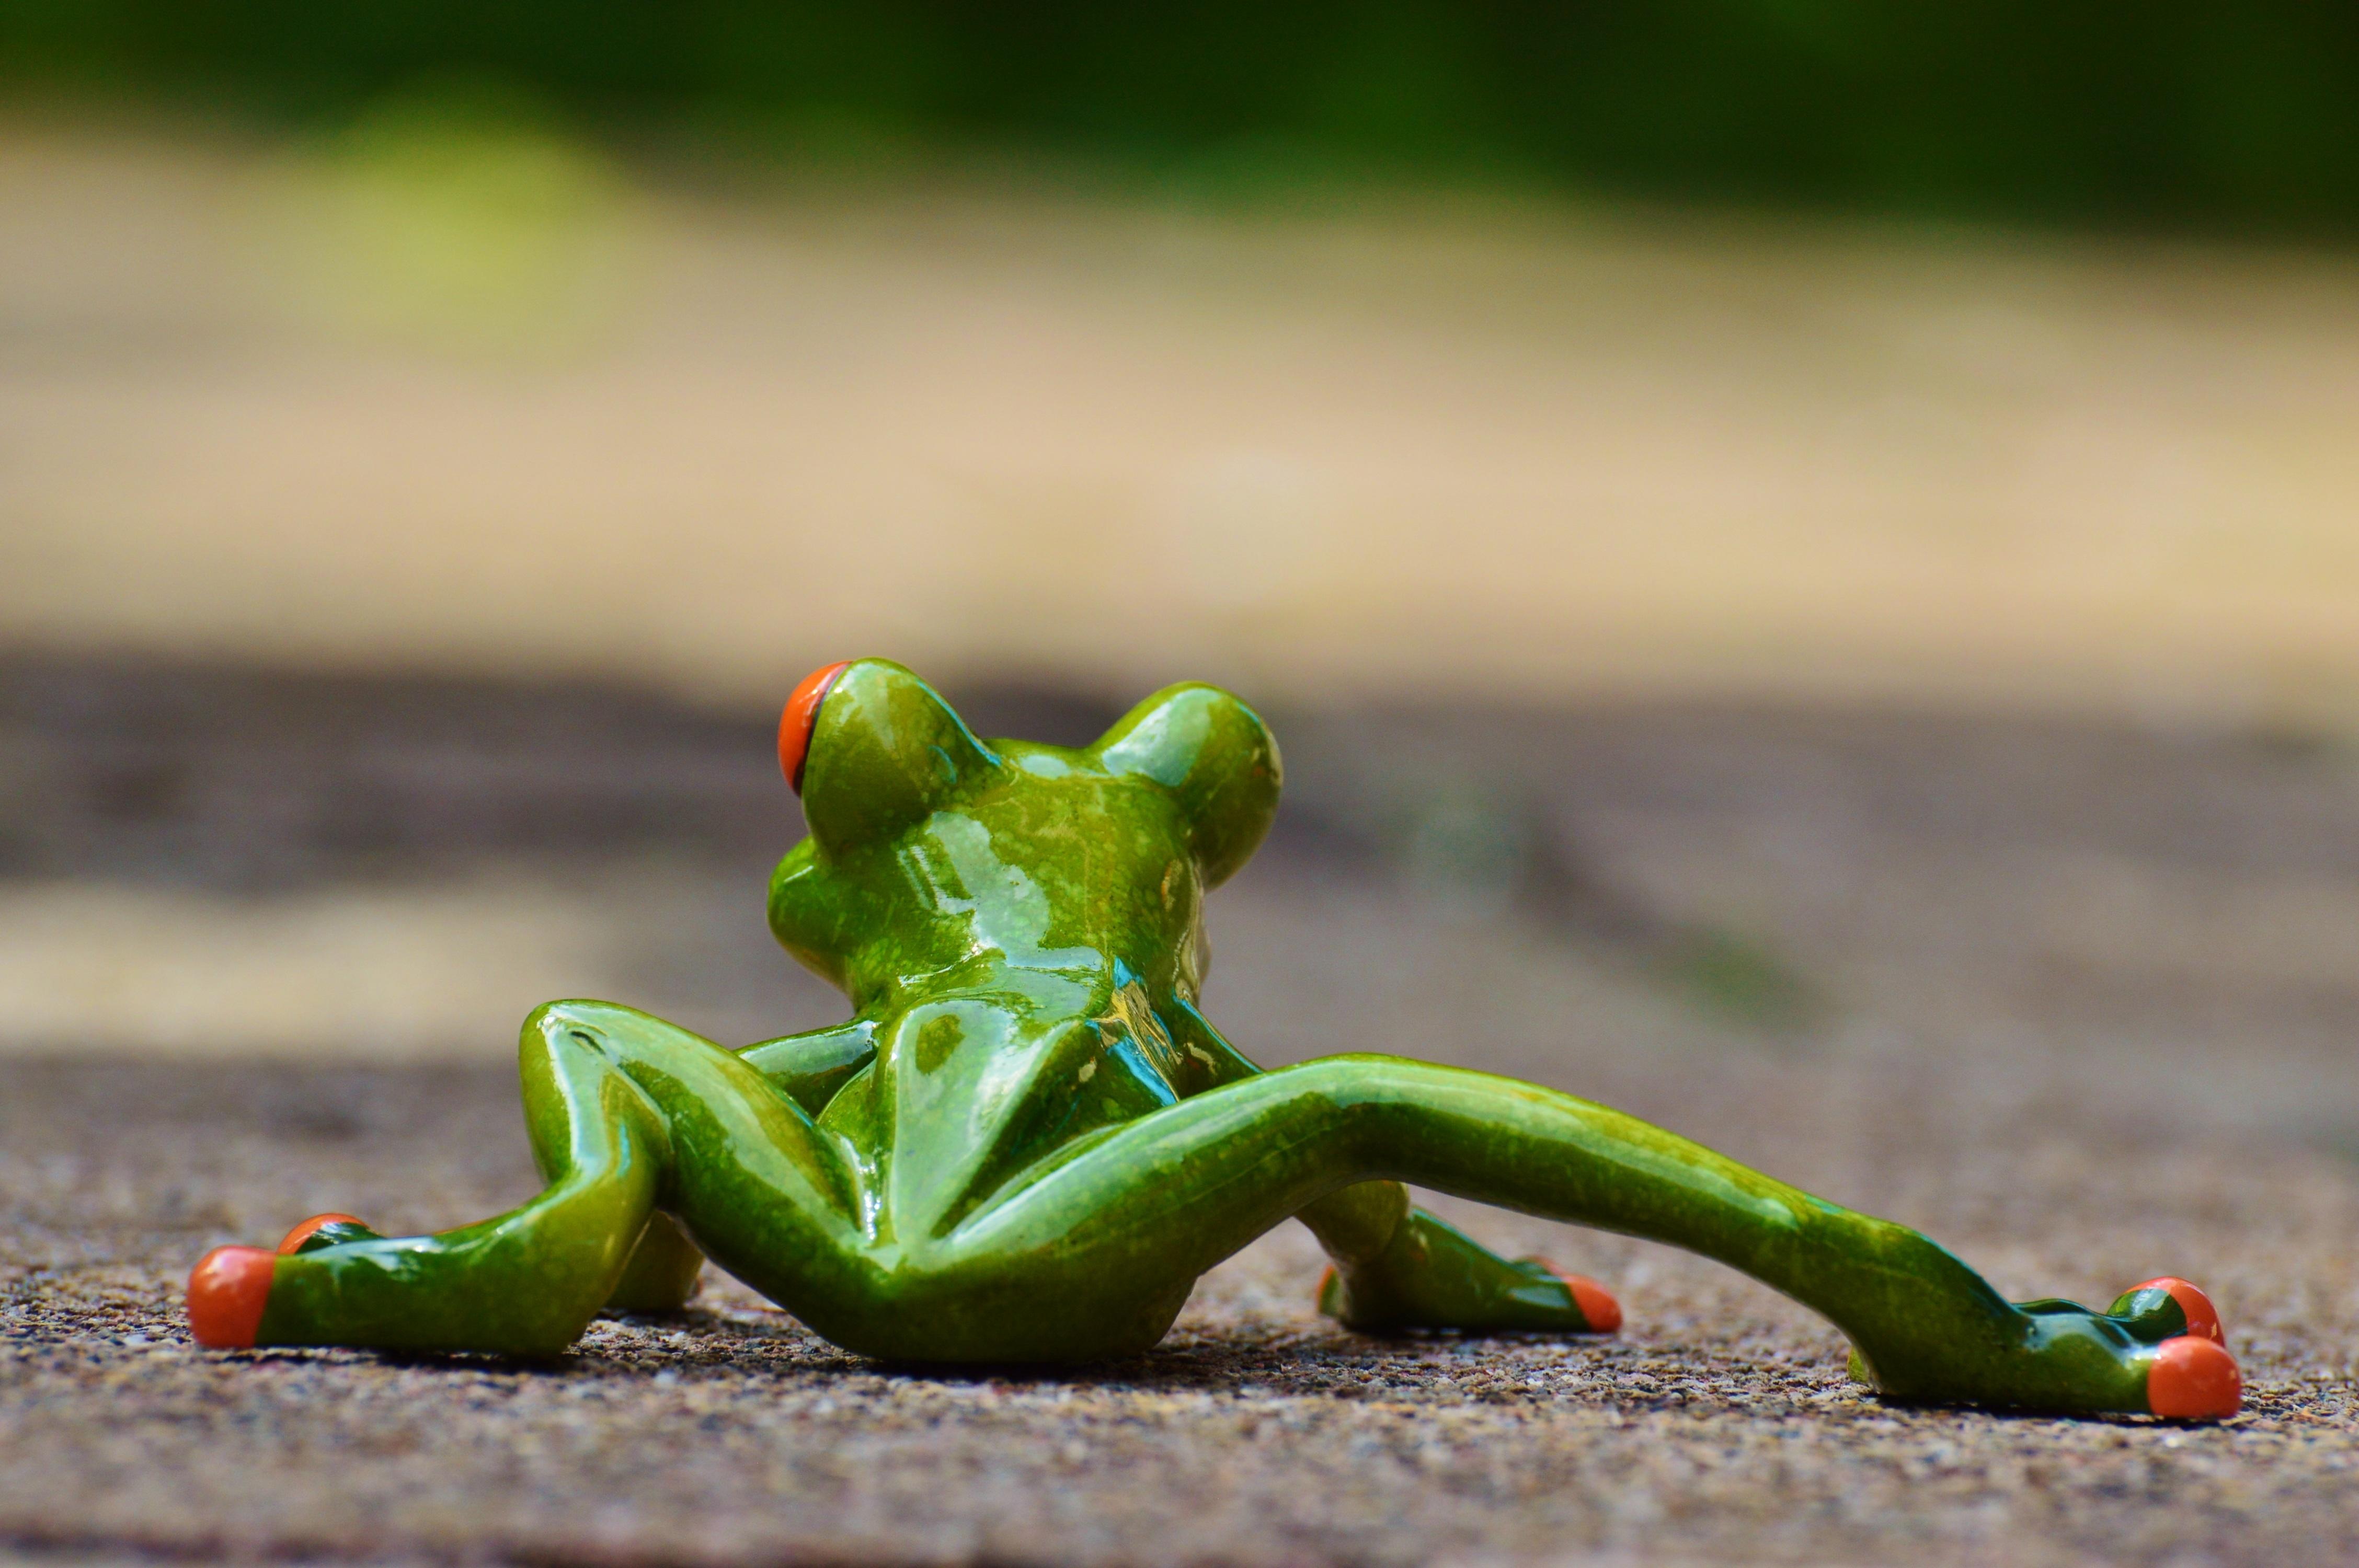 Картинки смешные с лягушками